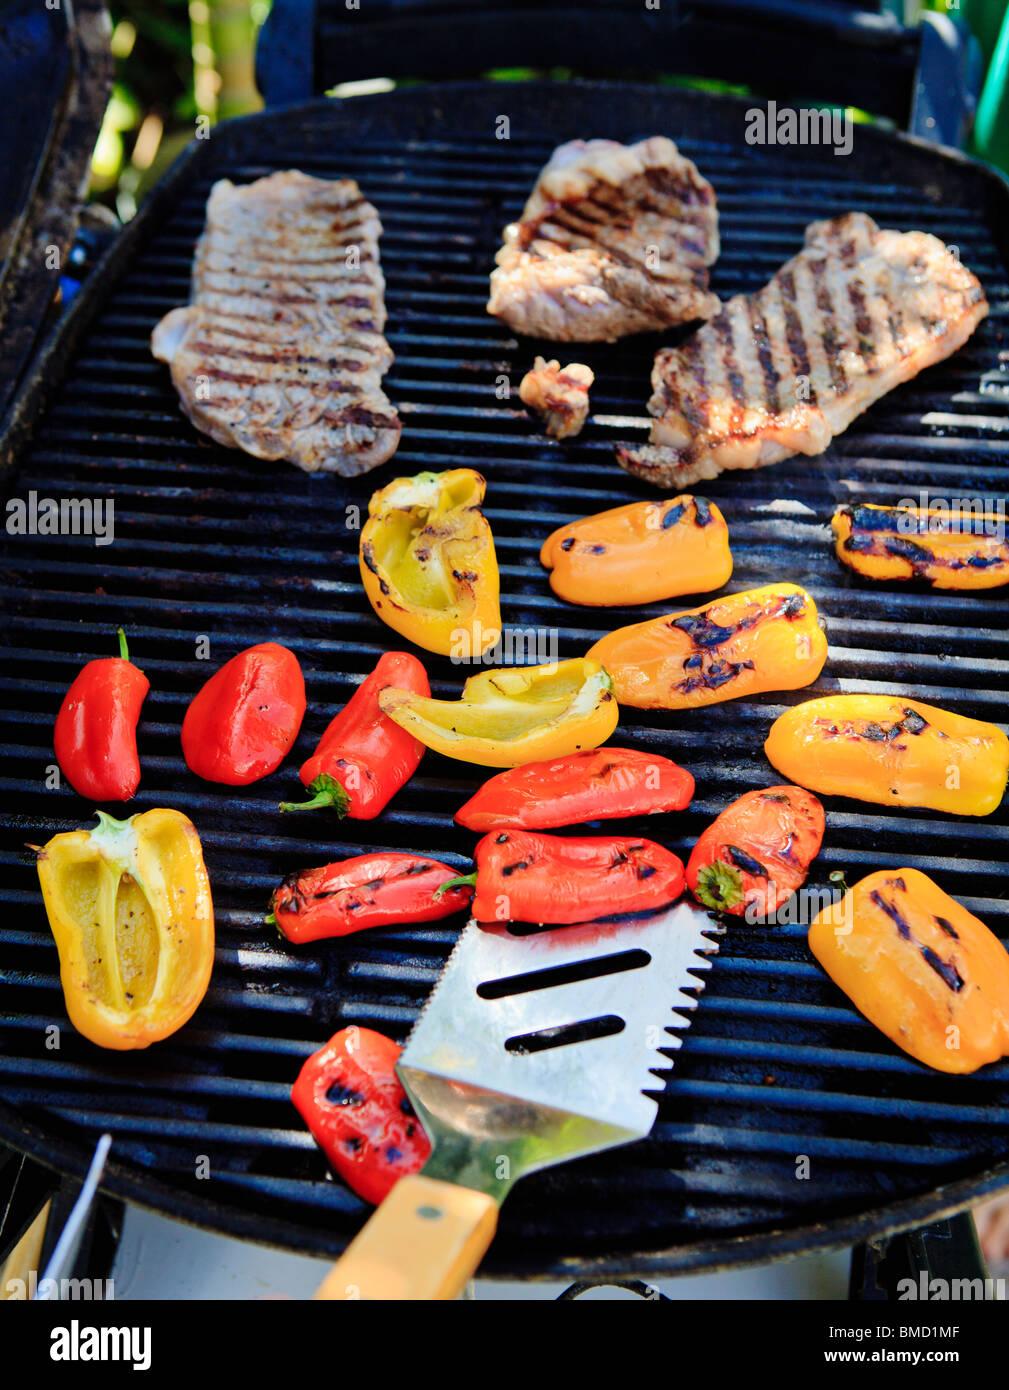 Les steaks et les poivrons sur la grille du barbecue Photo Stock